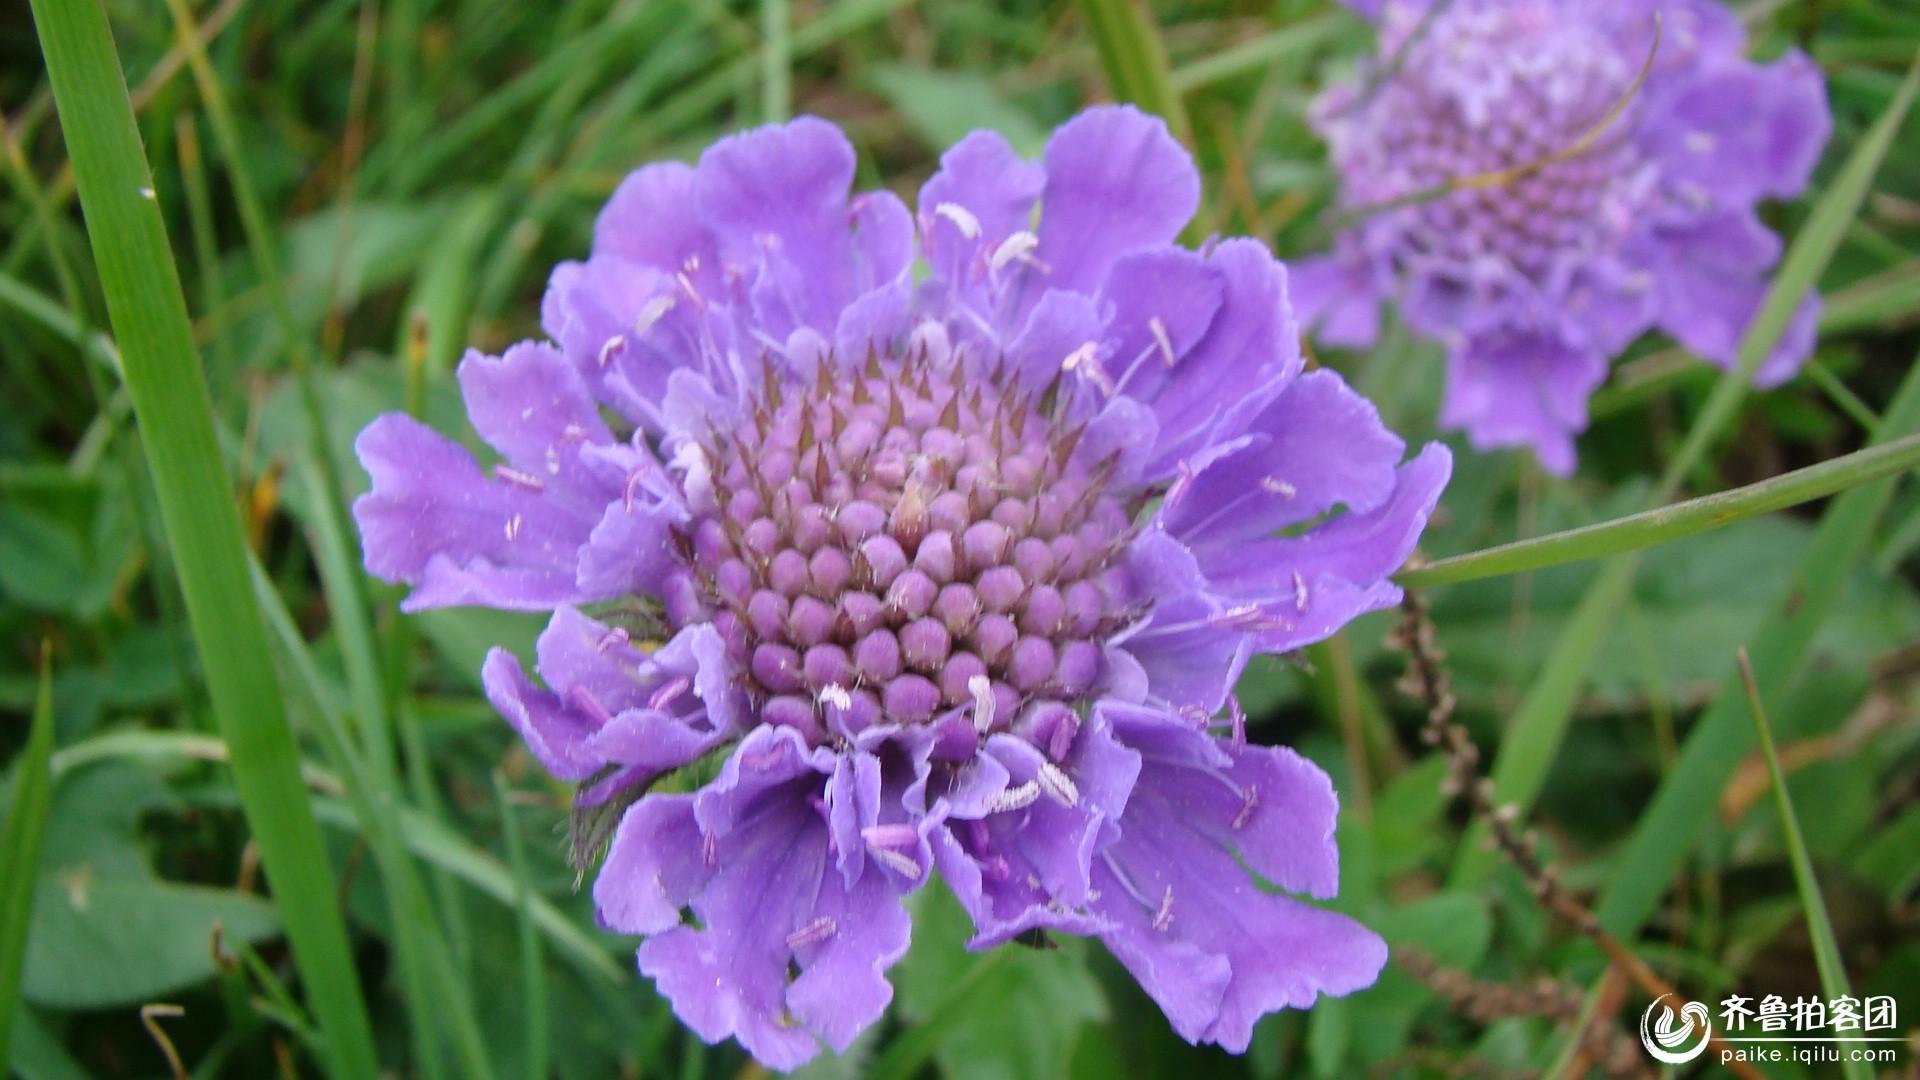 紫色小花朵微信头像